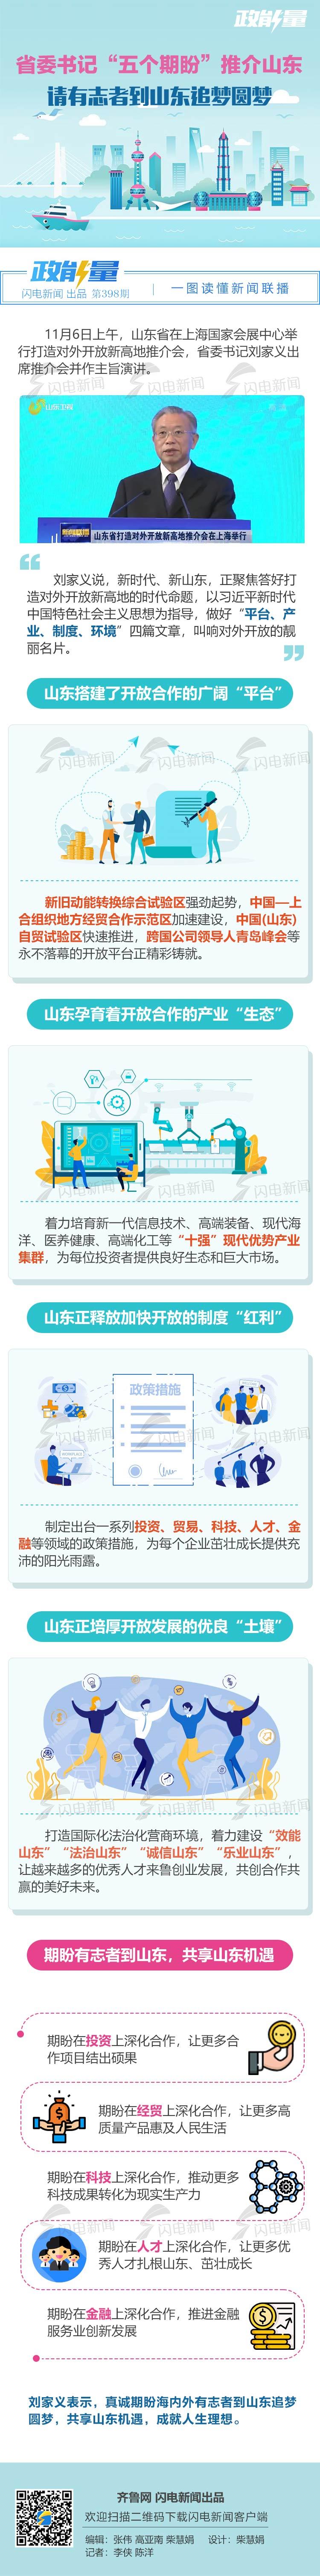 1106-刘家义上海推介.jpg